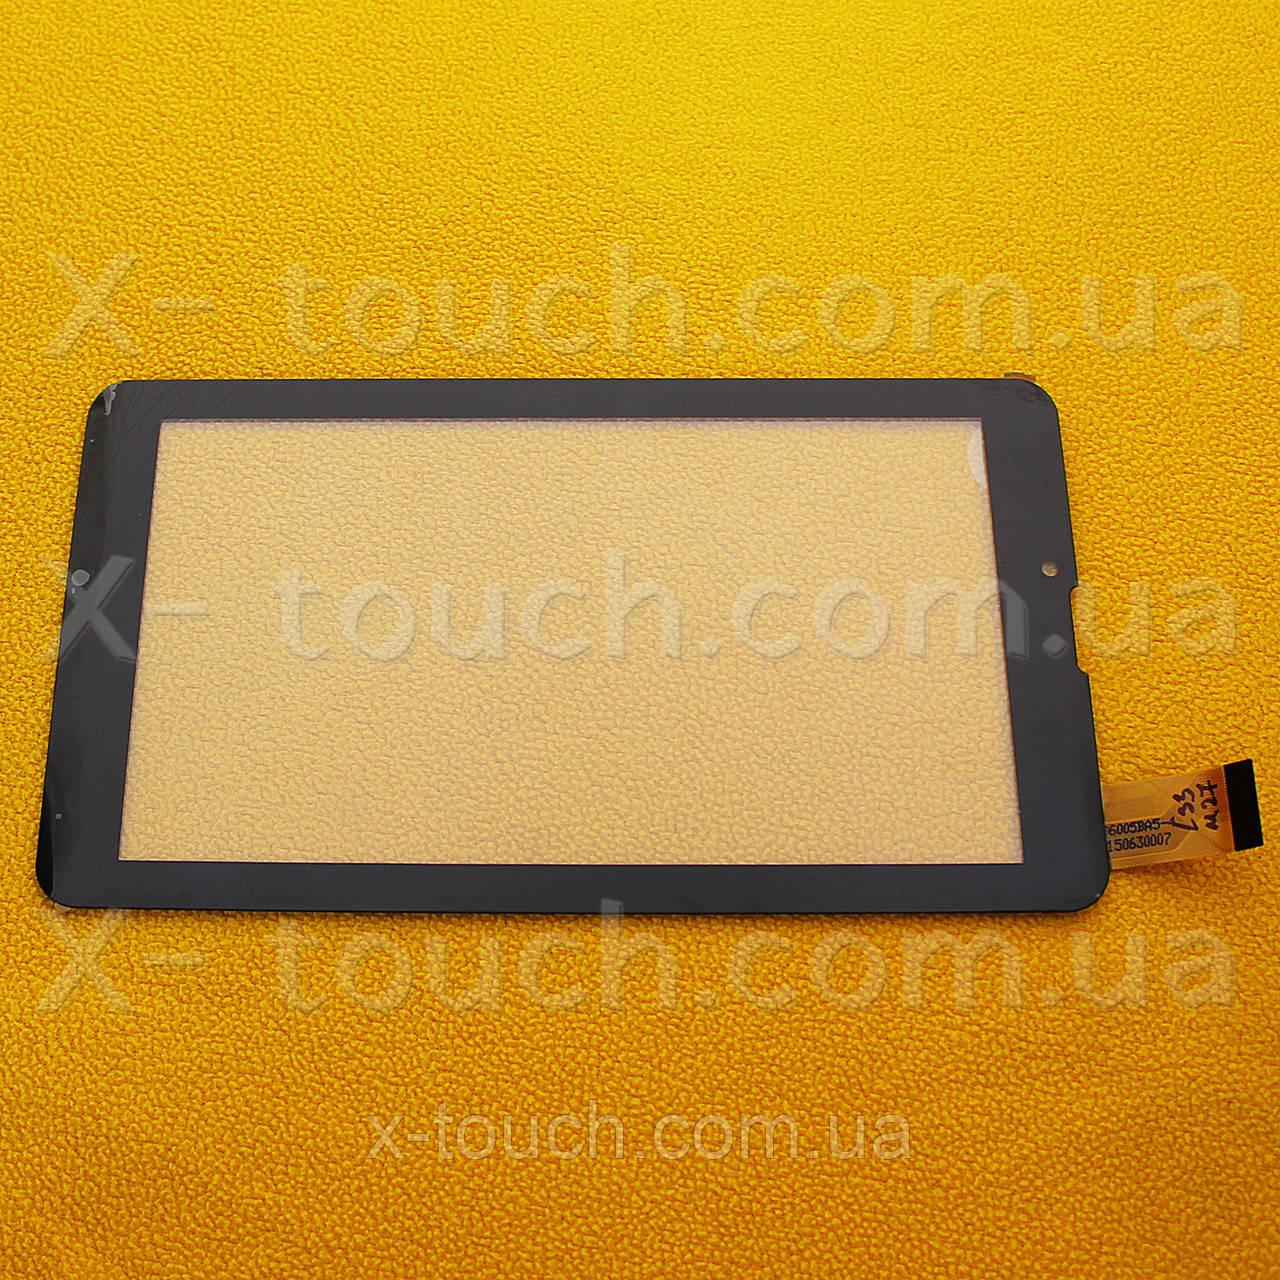 070-220B-2 FHX cенсор, тачскрин 7,0 дюймов, цвет черный.